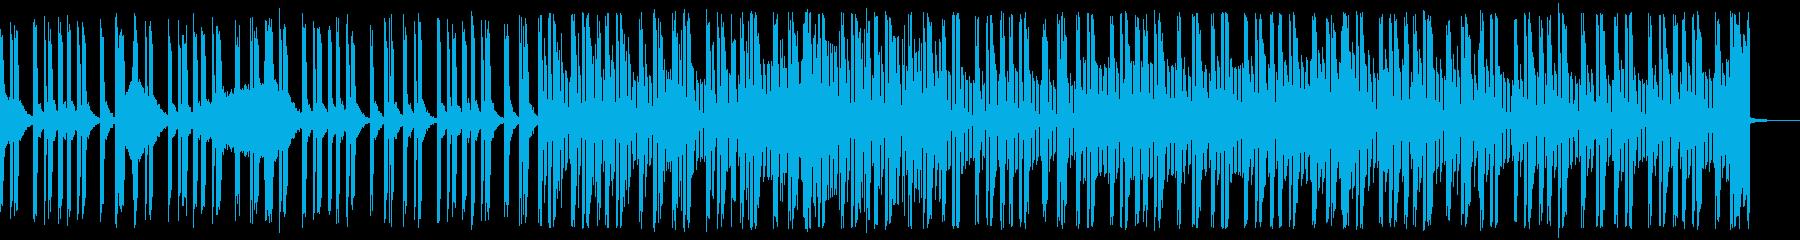 リズムレスの洒落た青いイメージのEDMの再生済みの波形